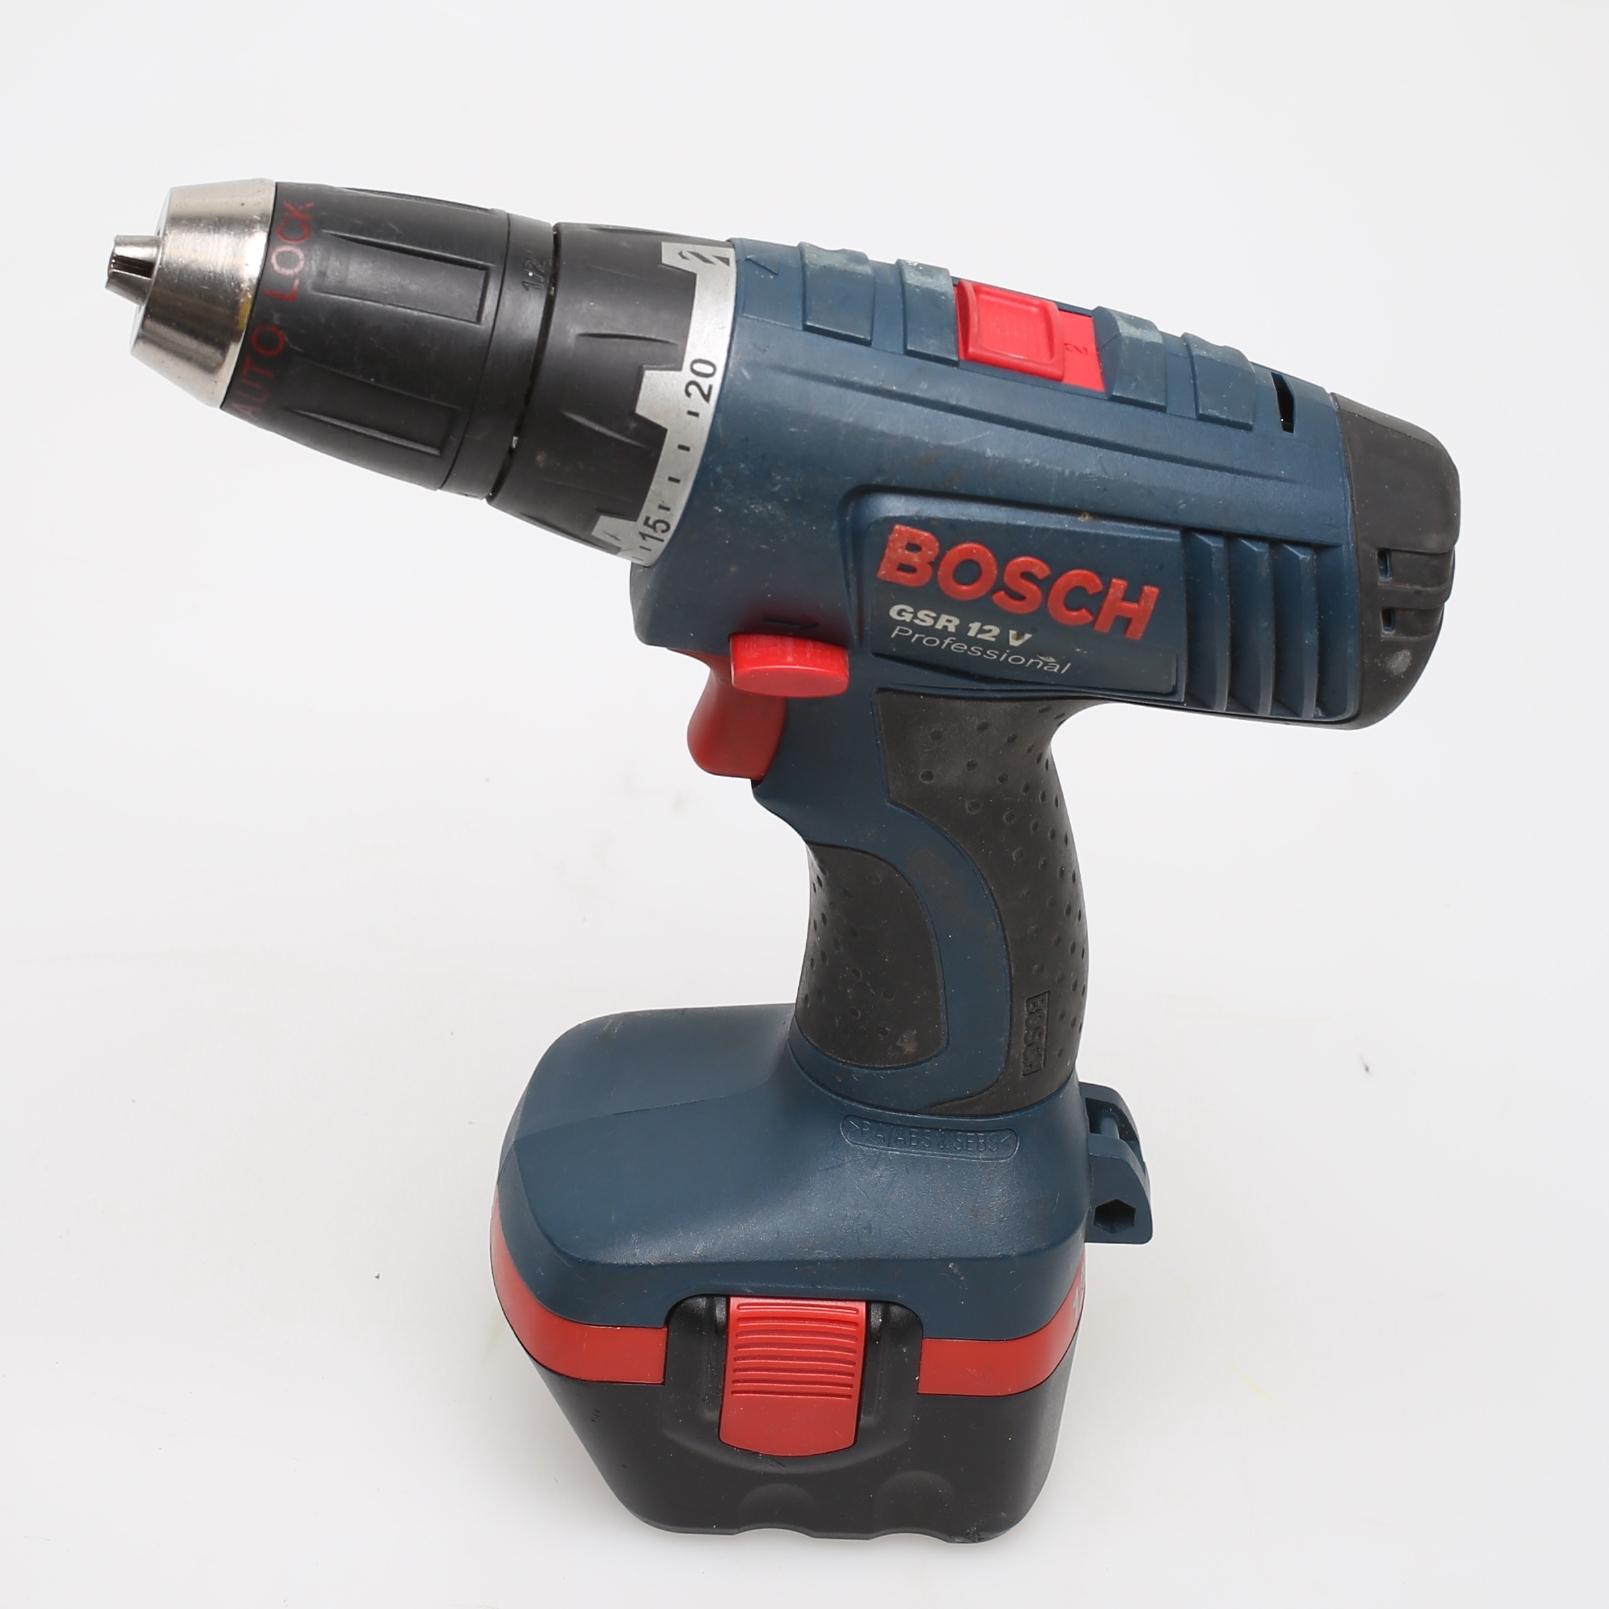 Kanon SKRUVDRAGARE, Bosch GSR 12 V, extra batteri. Other - Modern AI-97